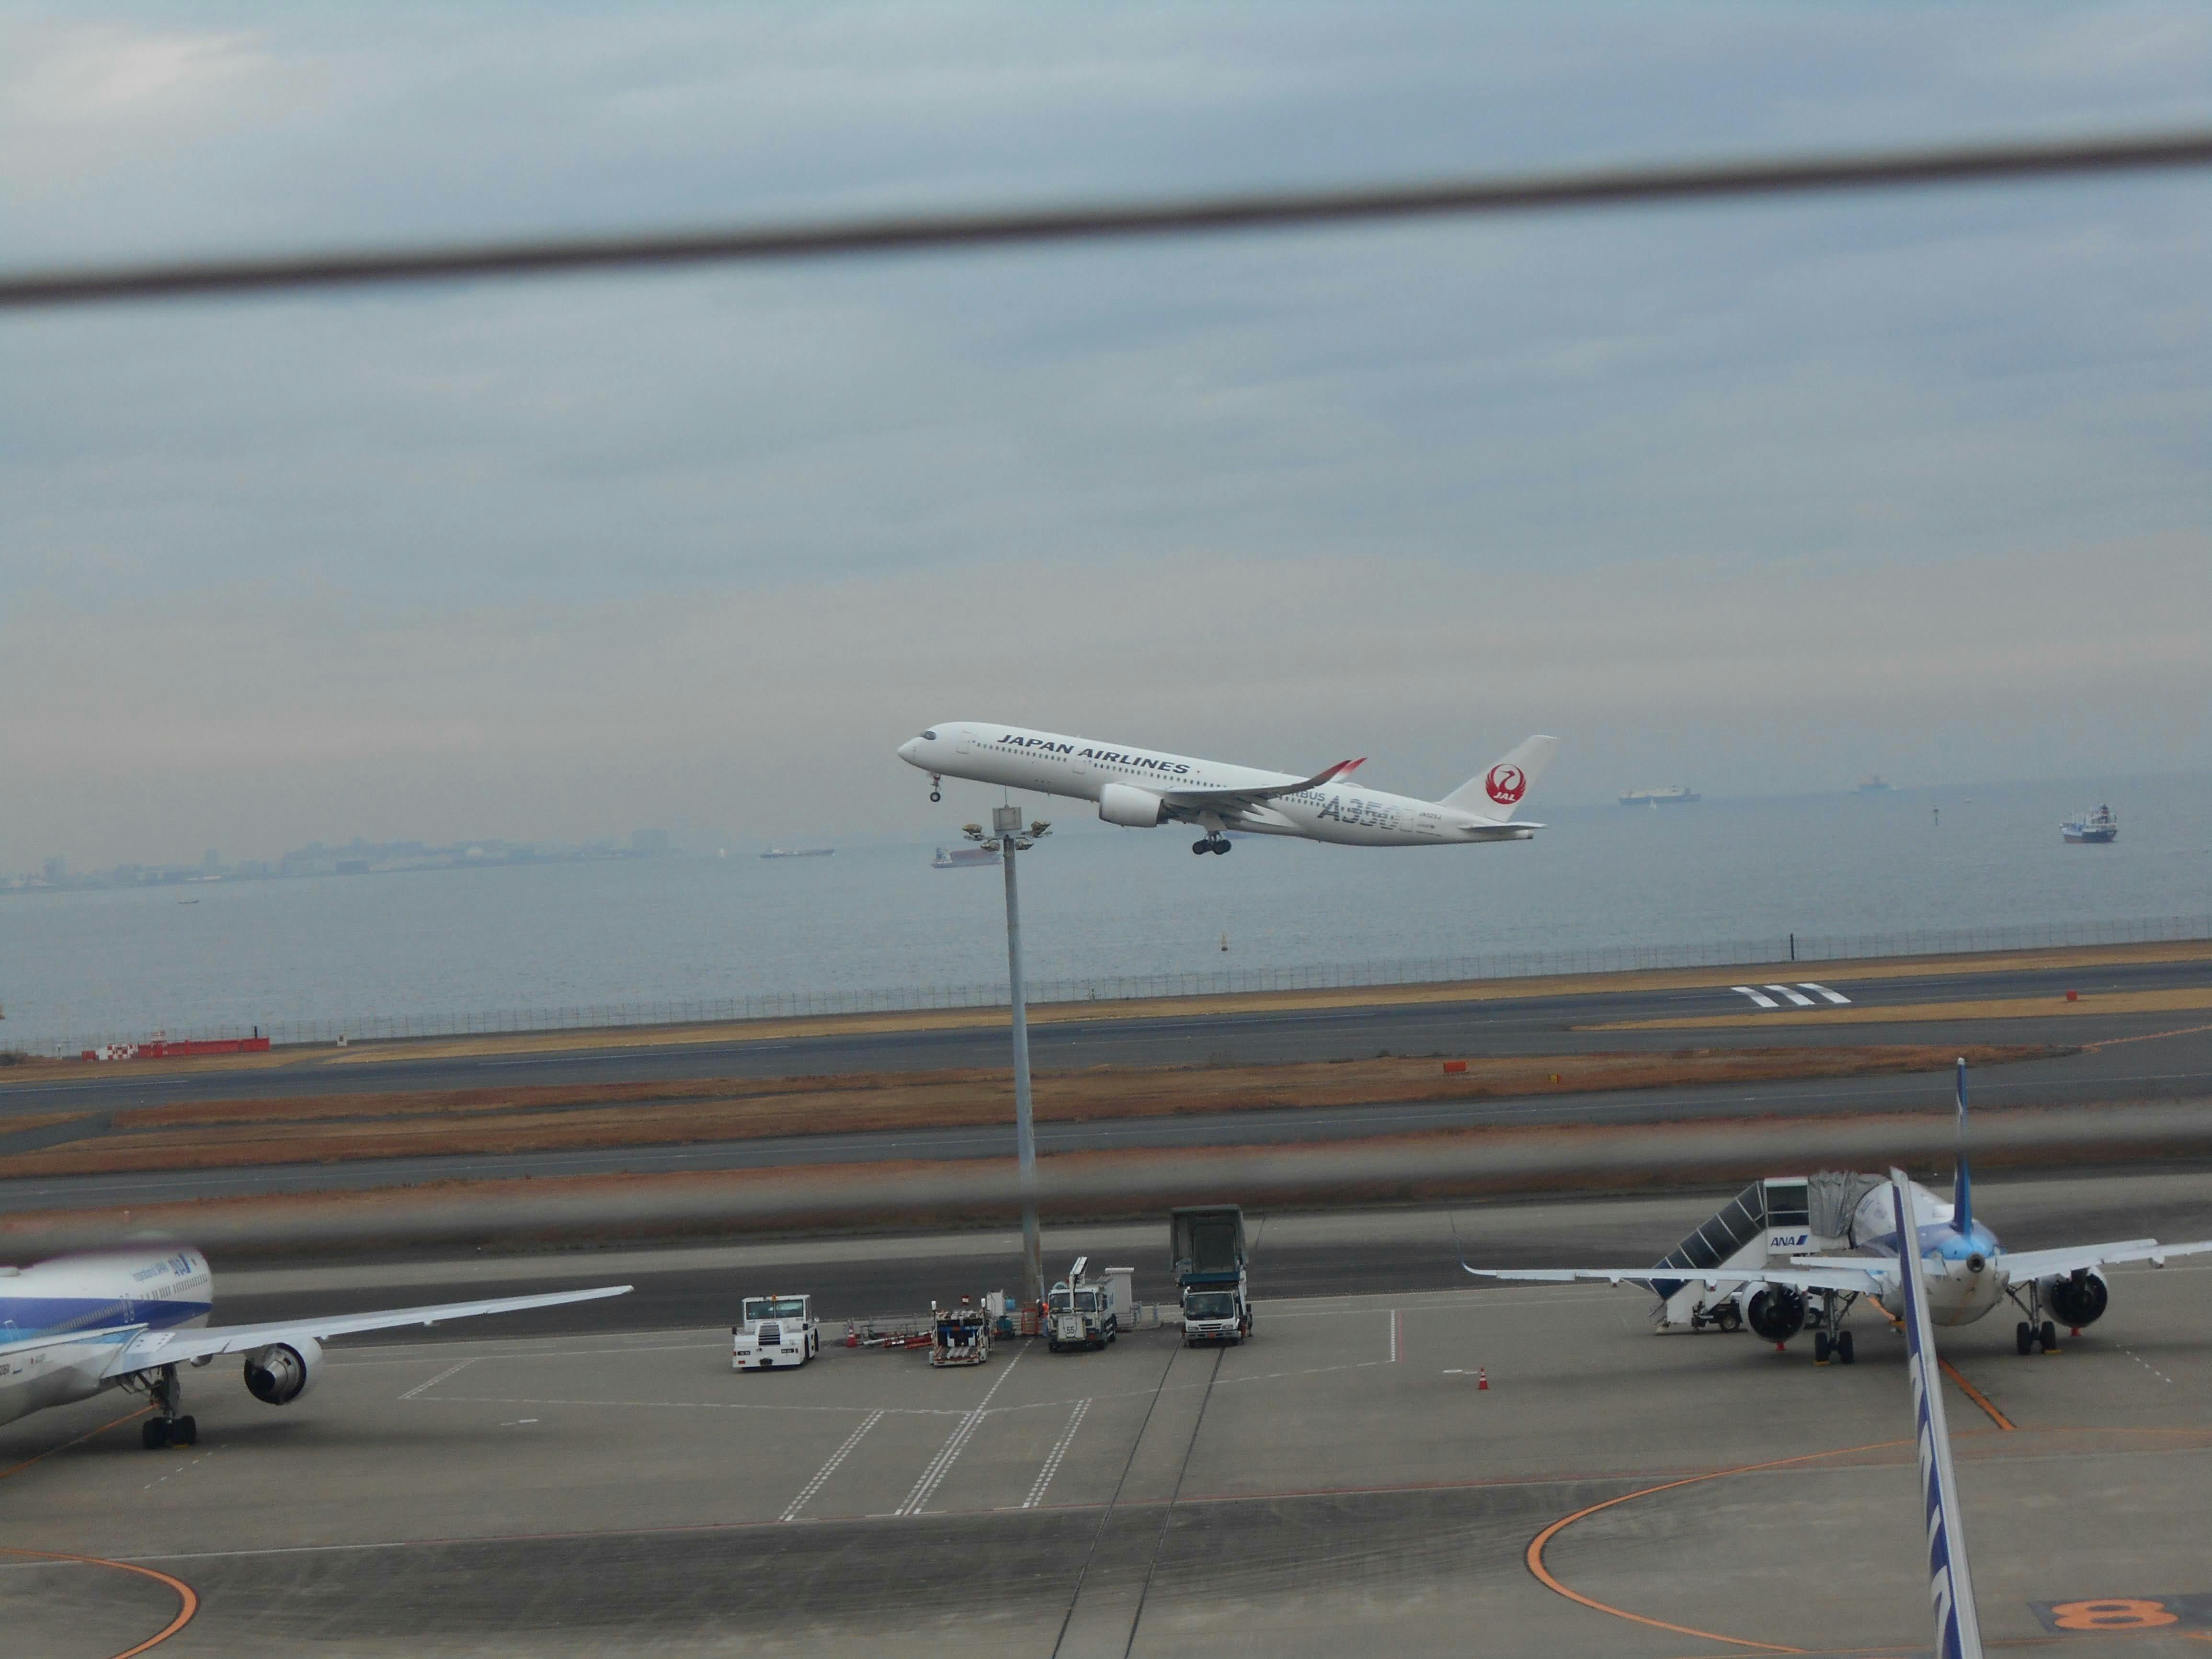 f:id:A350-900:20210110213407j:image